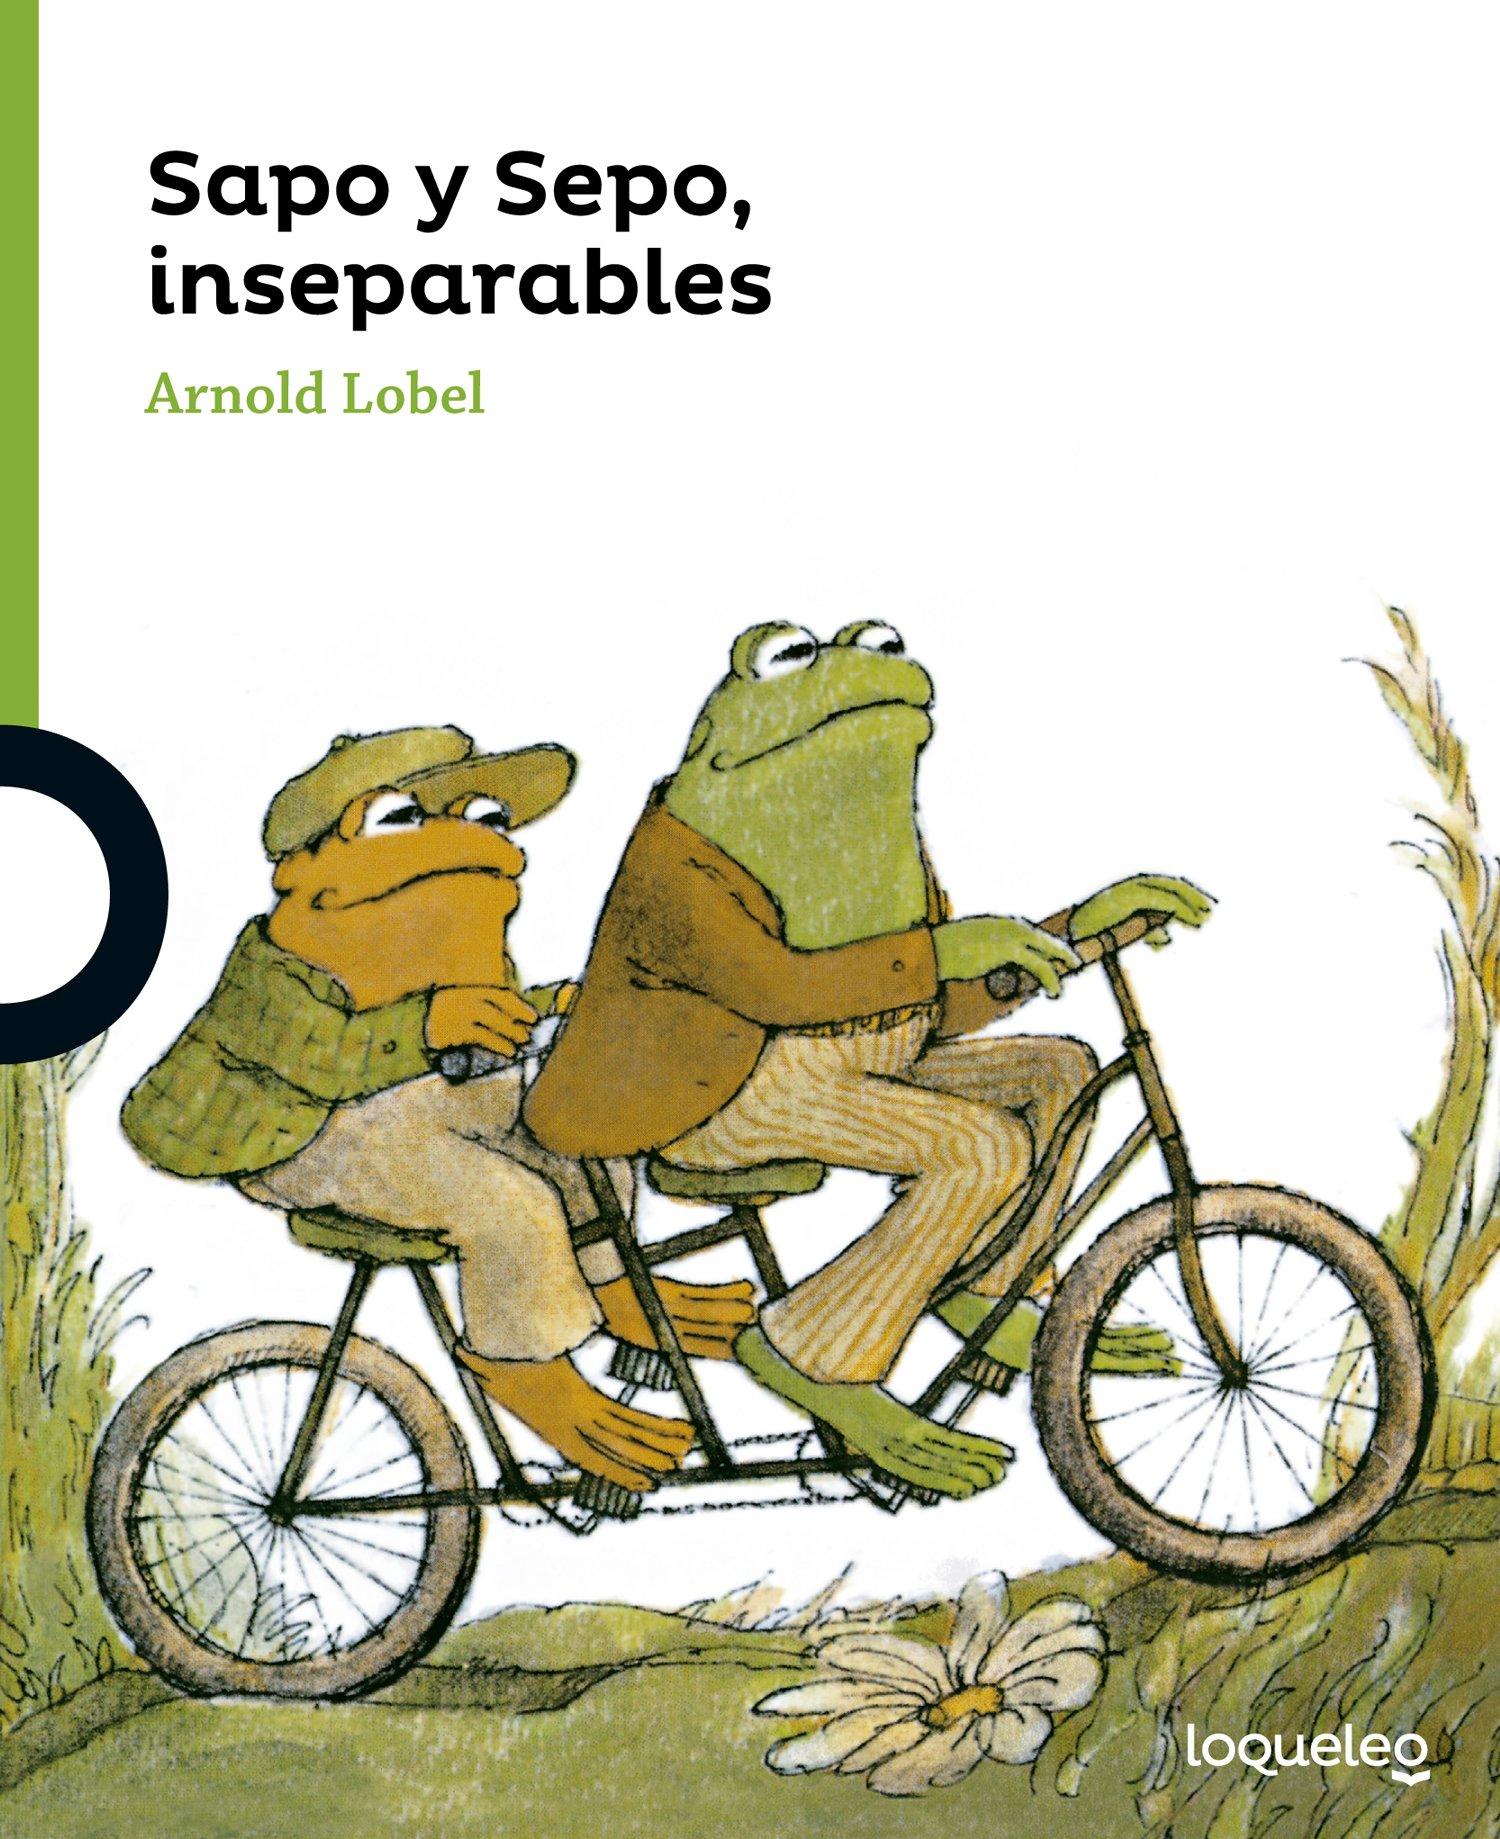 Sapo y sepo, inseparables Tapa blanda – 17 feb 2016 Arnold Lobel Santillana Educación S.L. 8491220038